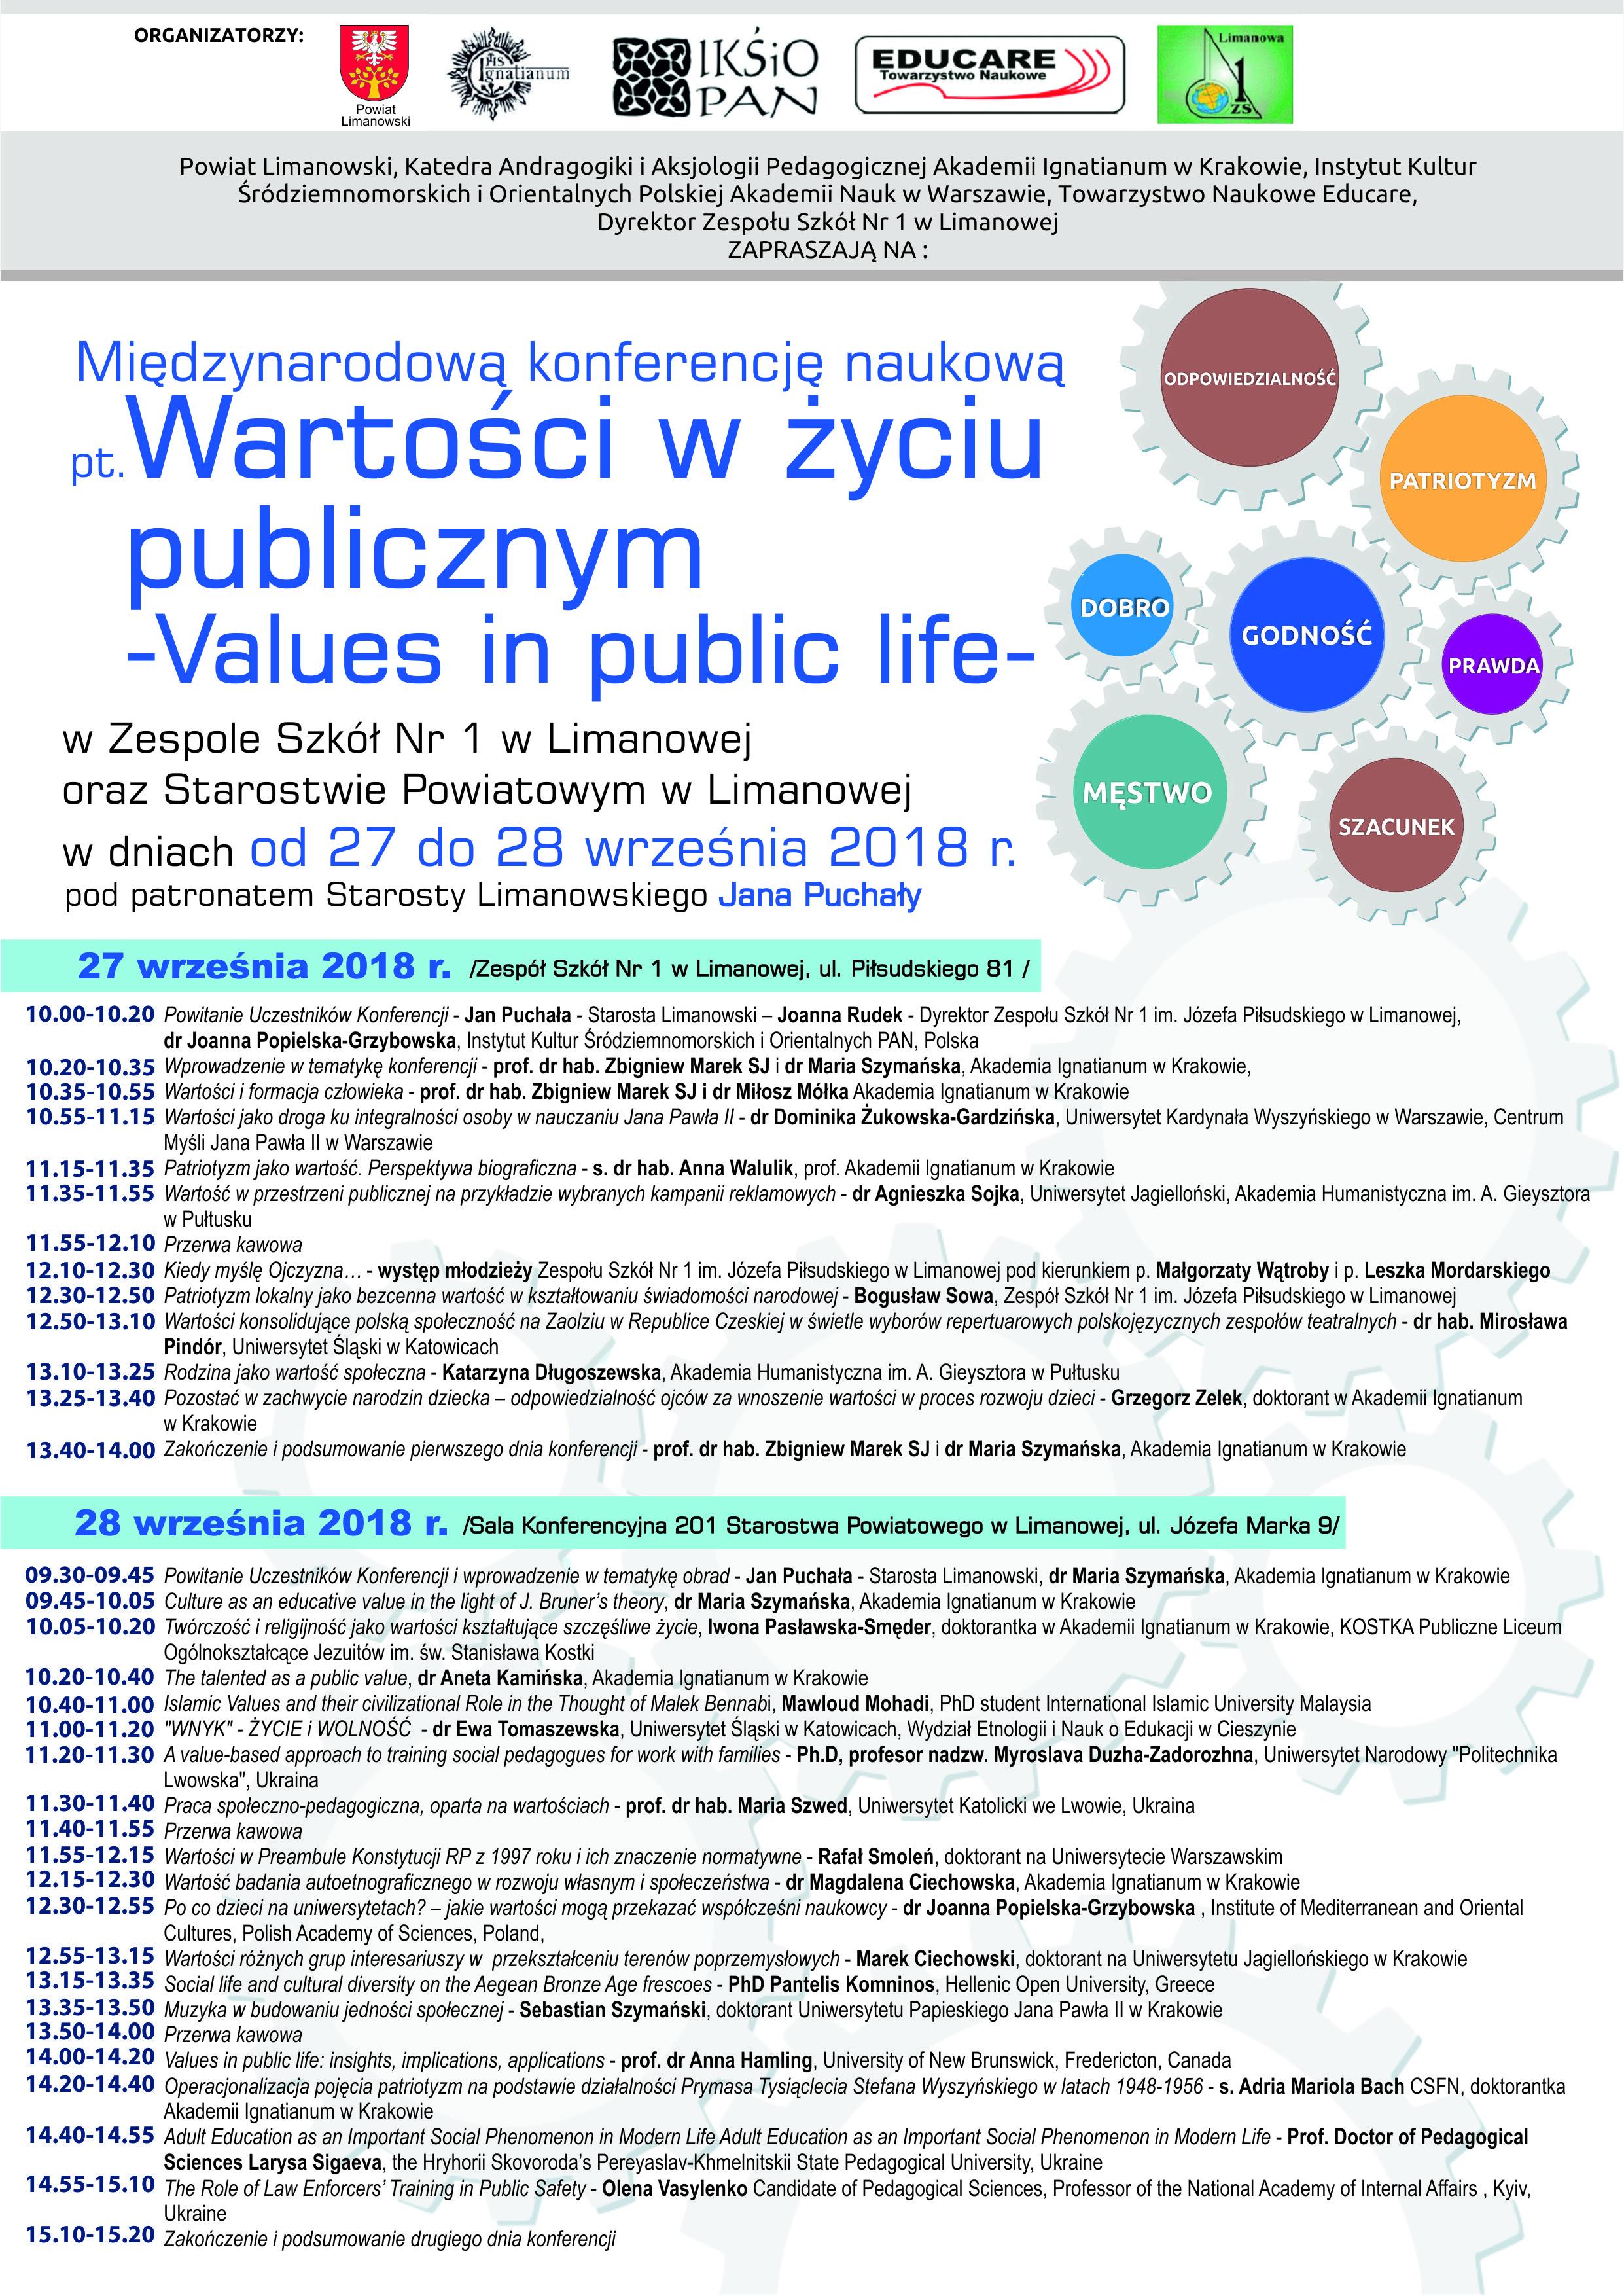 """plakat Międzynarodowej Konferencji Naukowej pt.: """"Wartości w życiu publicznym – Values in public life"""""""